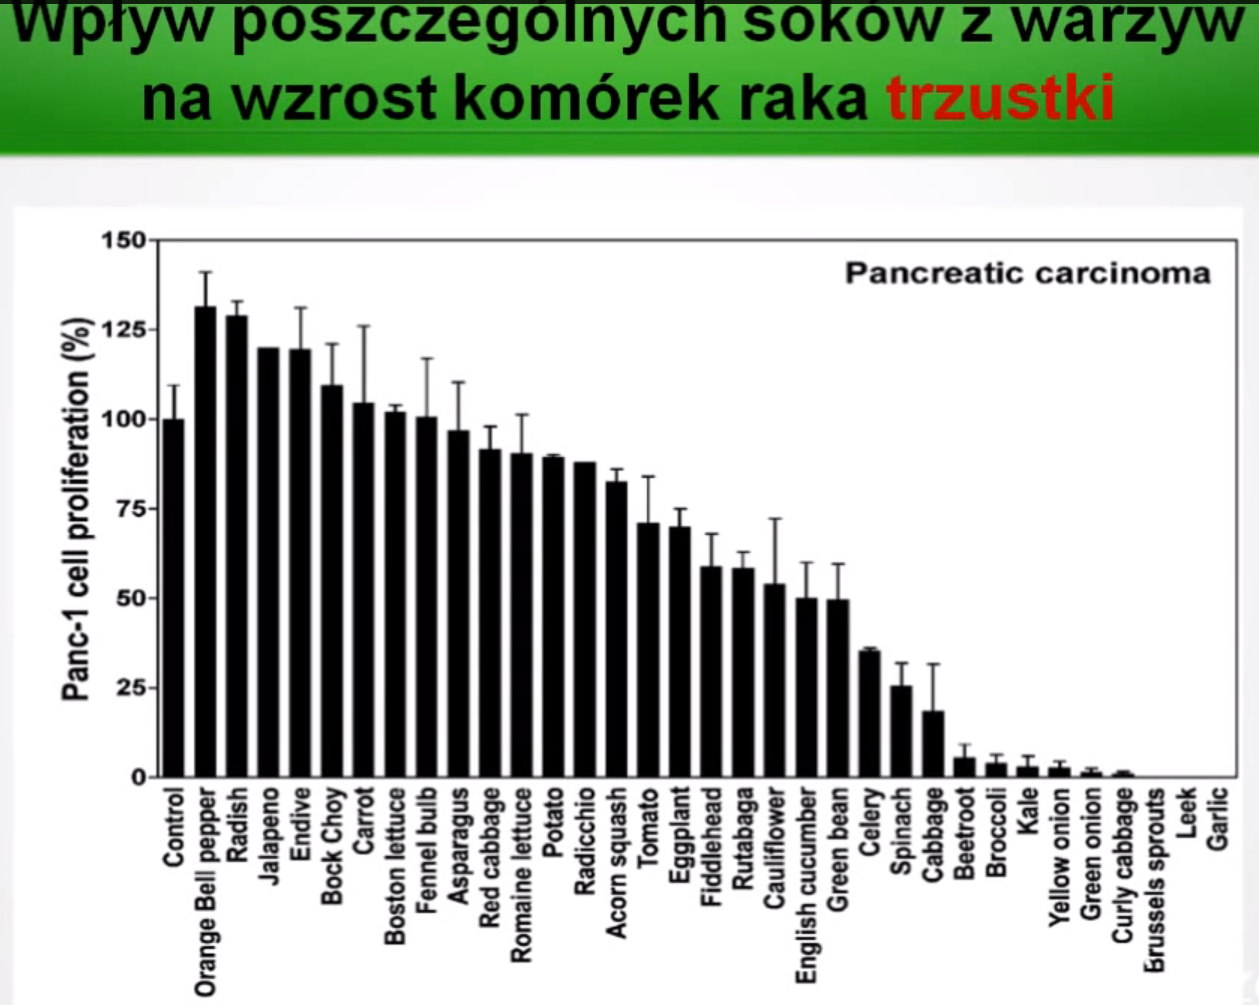 rak trzustki a sok z warzyw